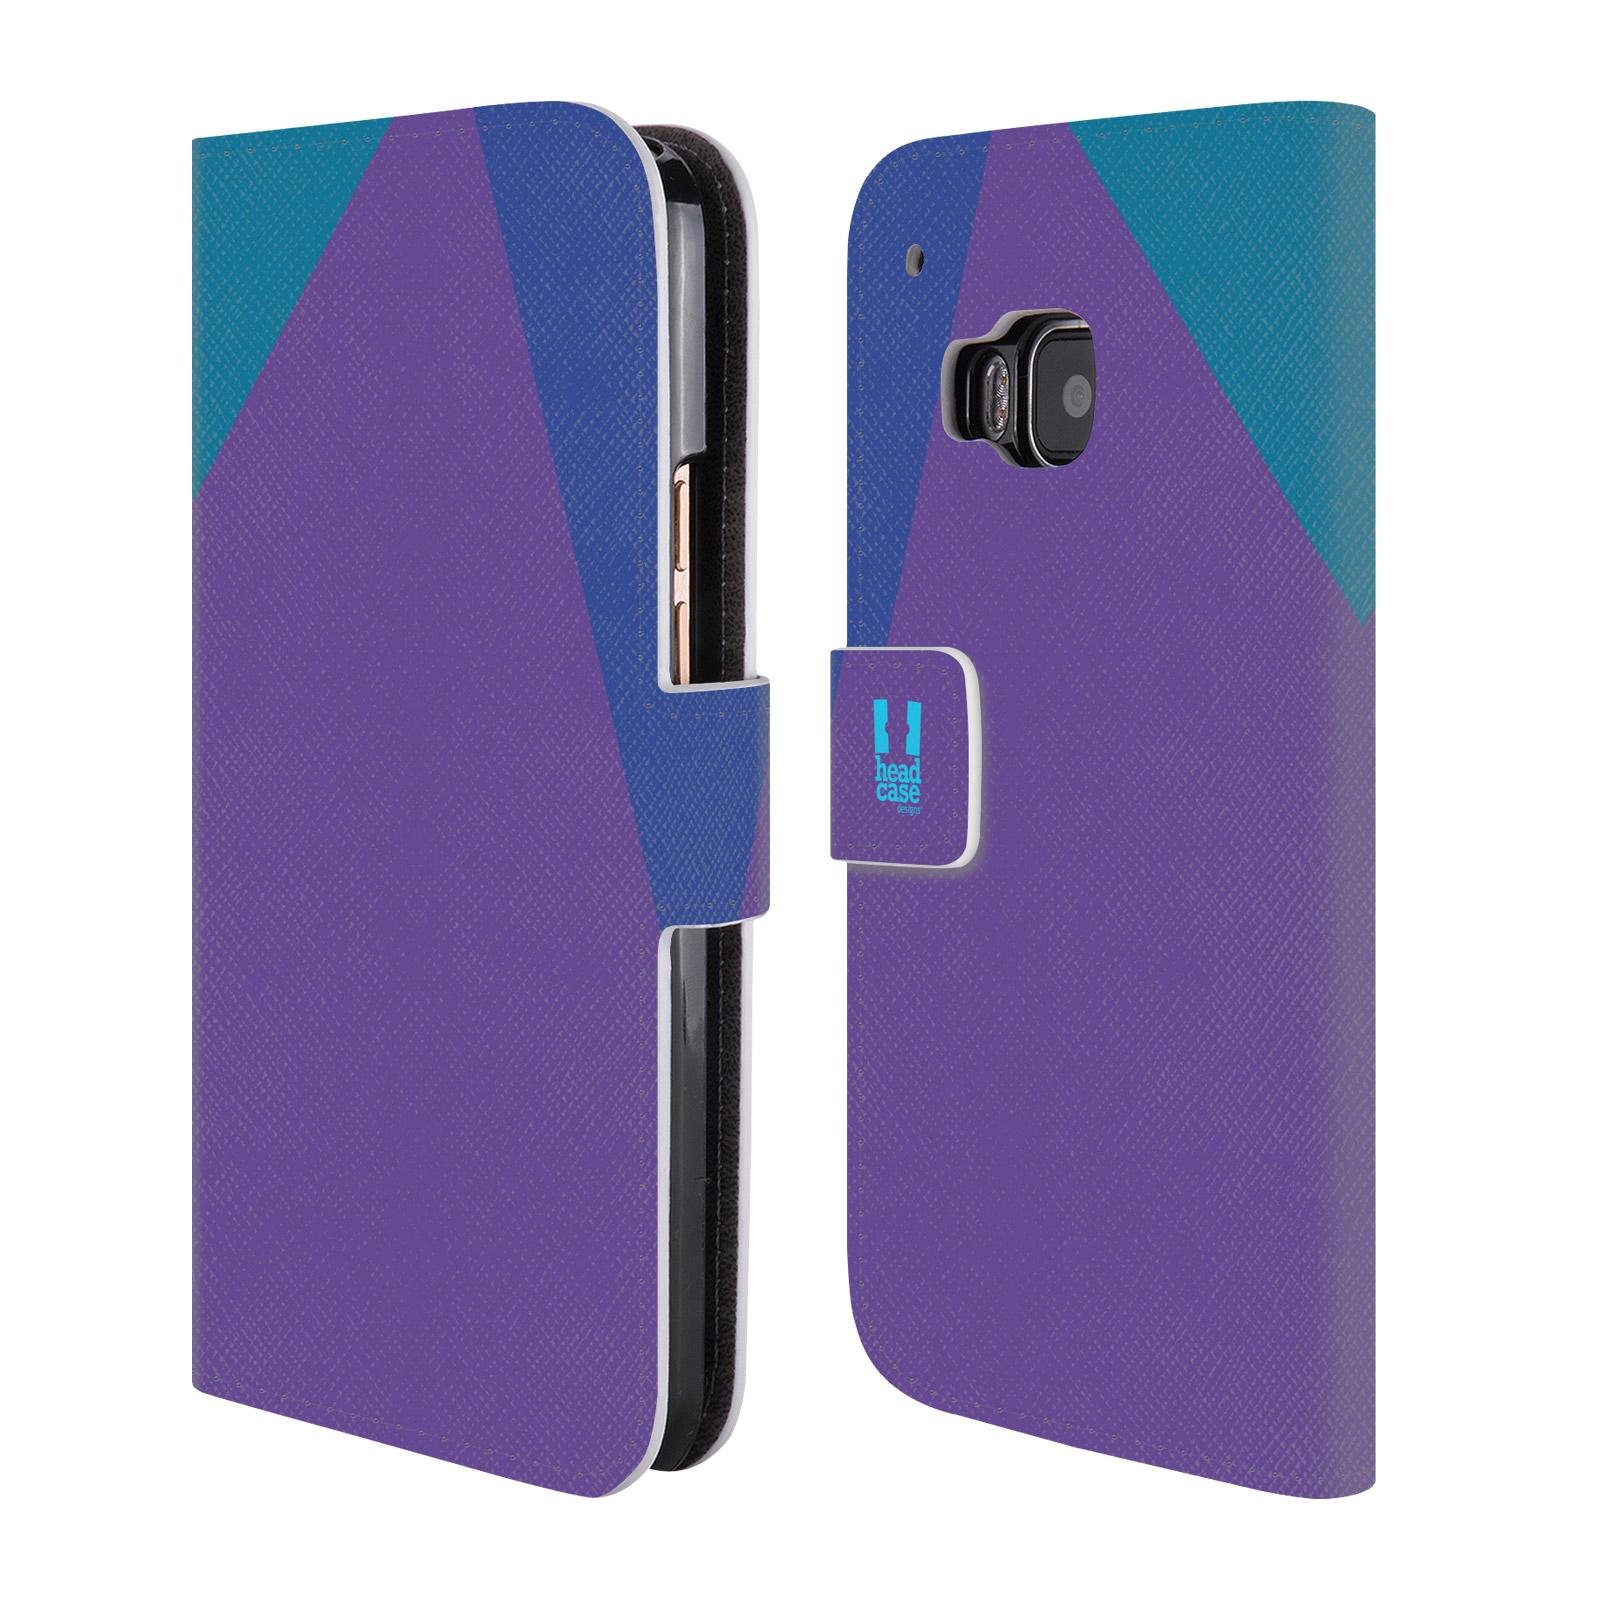 HEAD CASE Flipové pouzdro pro mobil HTC ONE M9 barevné tvary fialová feminine